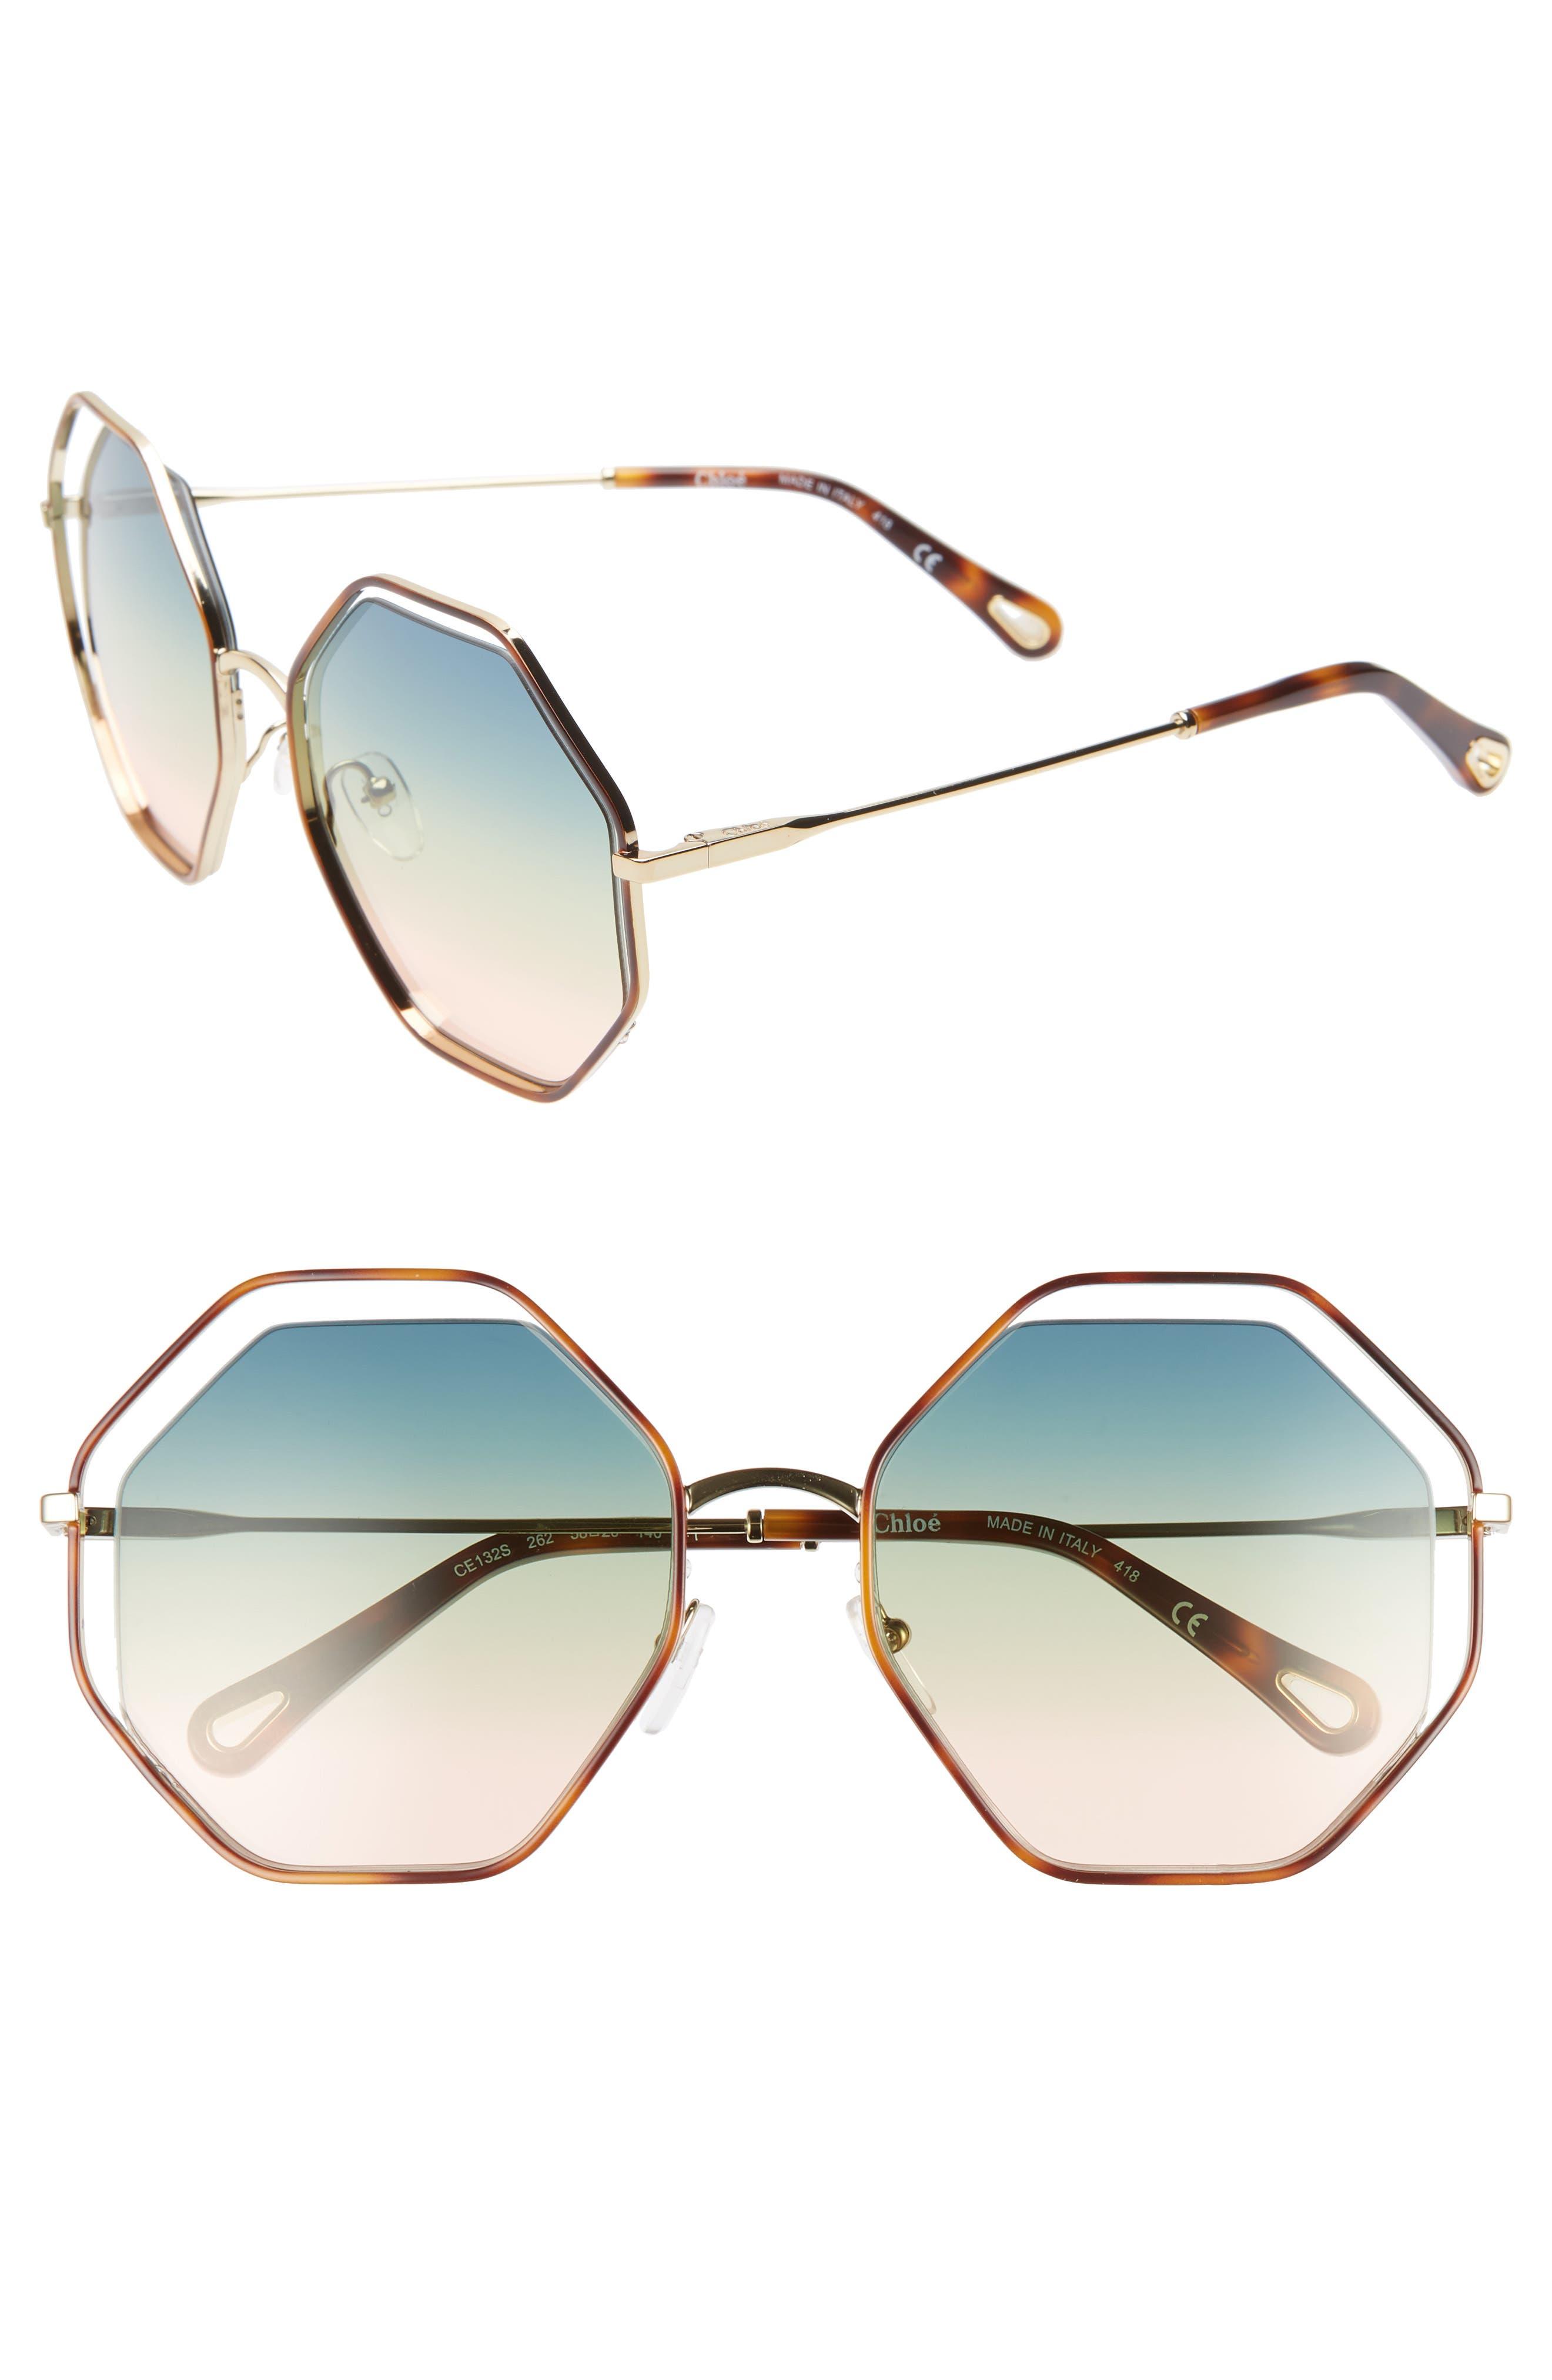 CHLOÉ, 58mm Octagonal Halo Lens Sunglasses, Main thumbnail 1, color, HAVANA/ GRADIENT BLUE